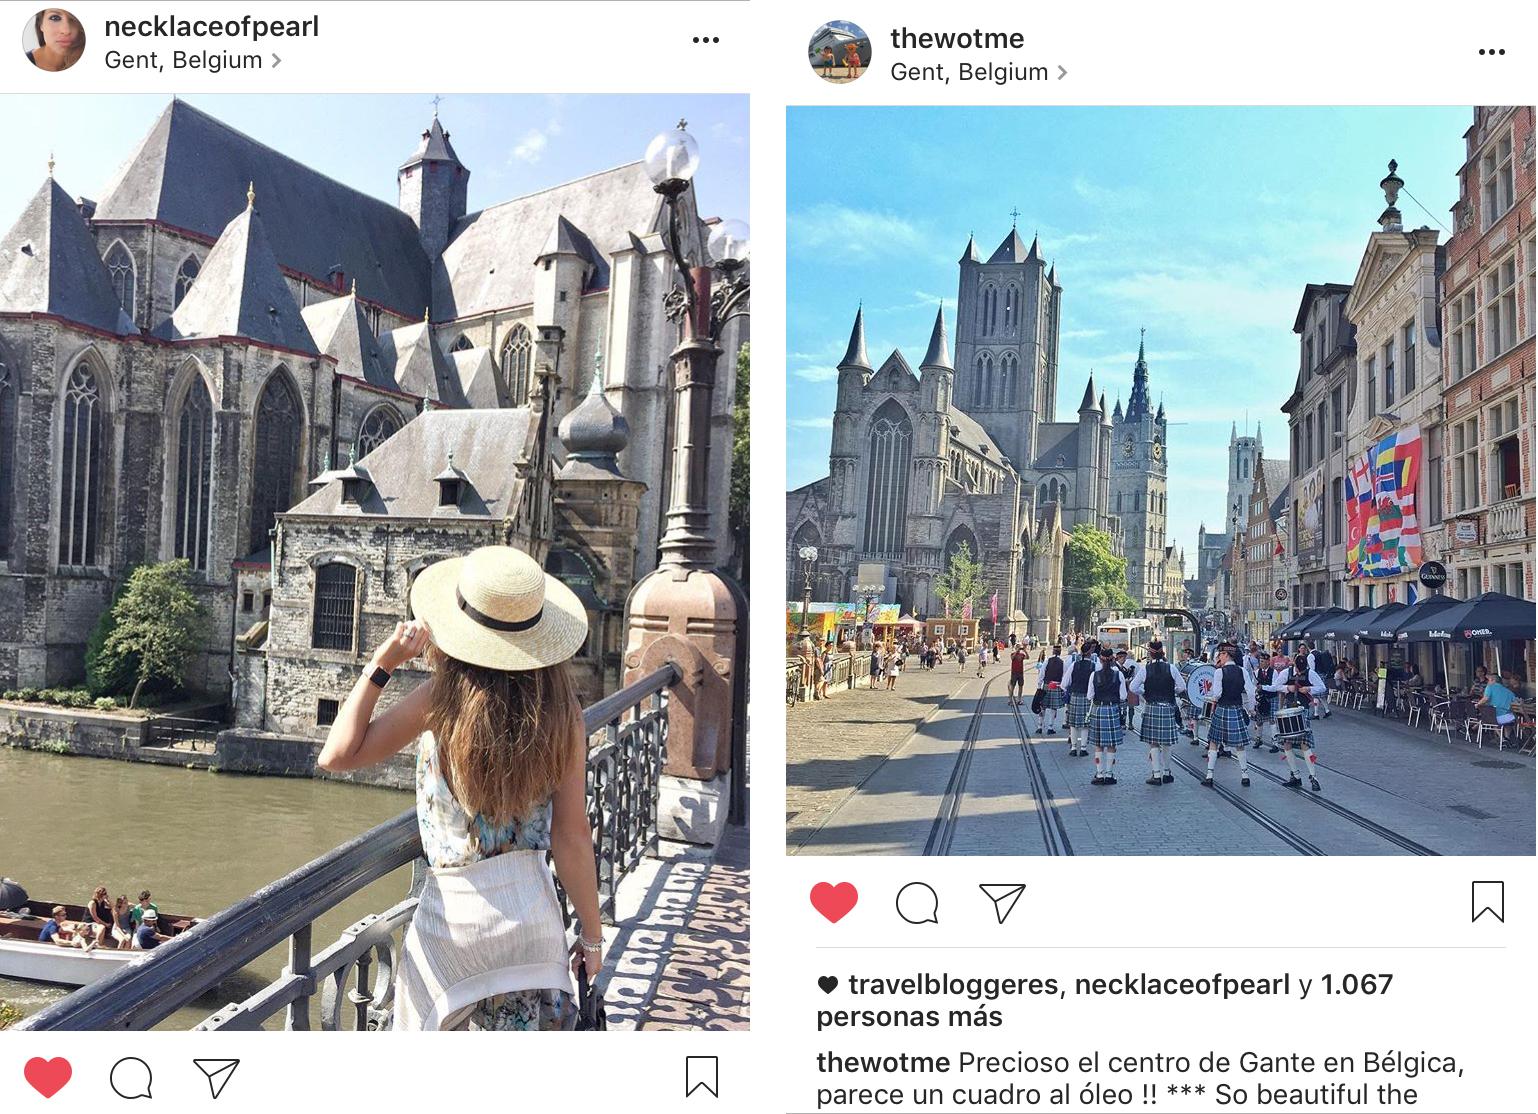 Viajes a Bélgica memoria de viajes 2016: el año del mar - 31161488034 9efbb713ff o - Memoria de Viajes 2016: el año del Mar